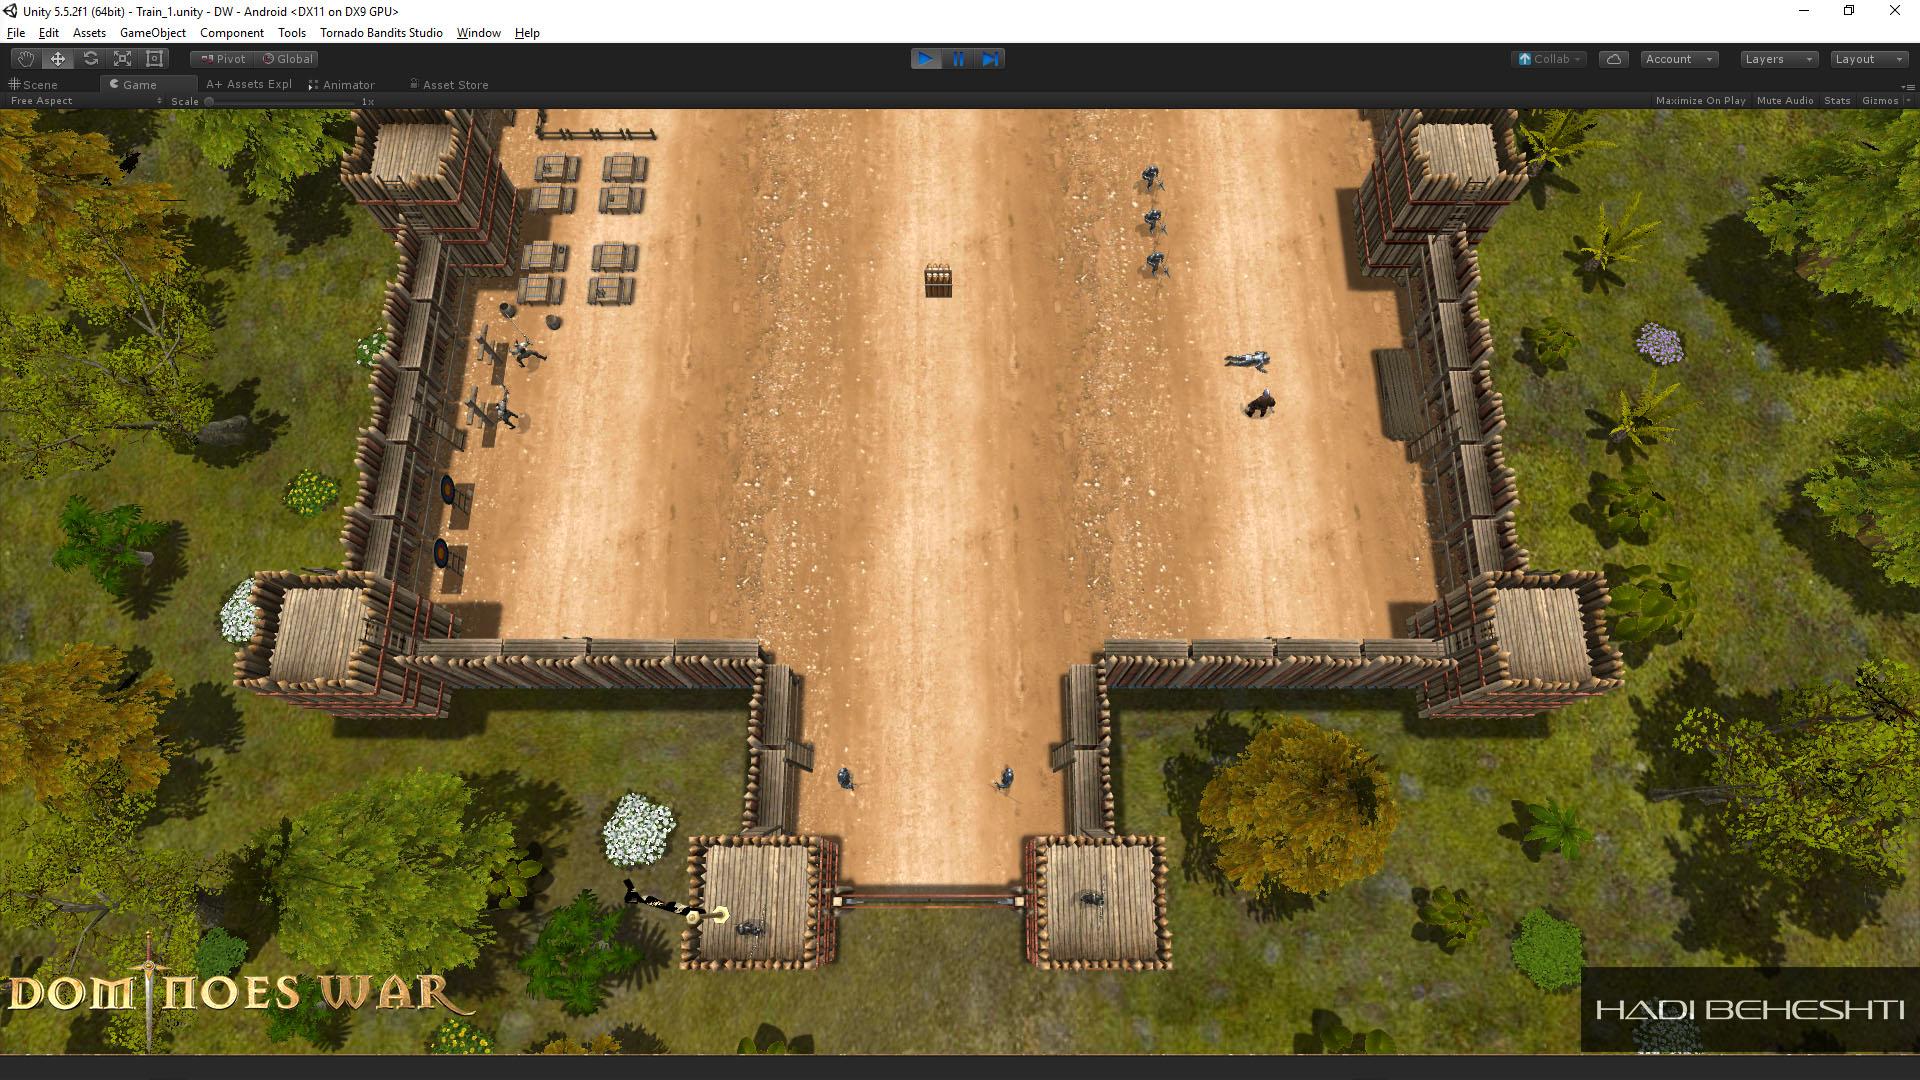 Dominoes War Game Garrison Scene Hadi Beheshti CG Artist-2